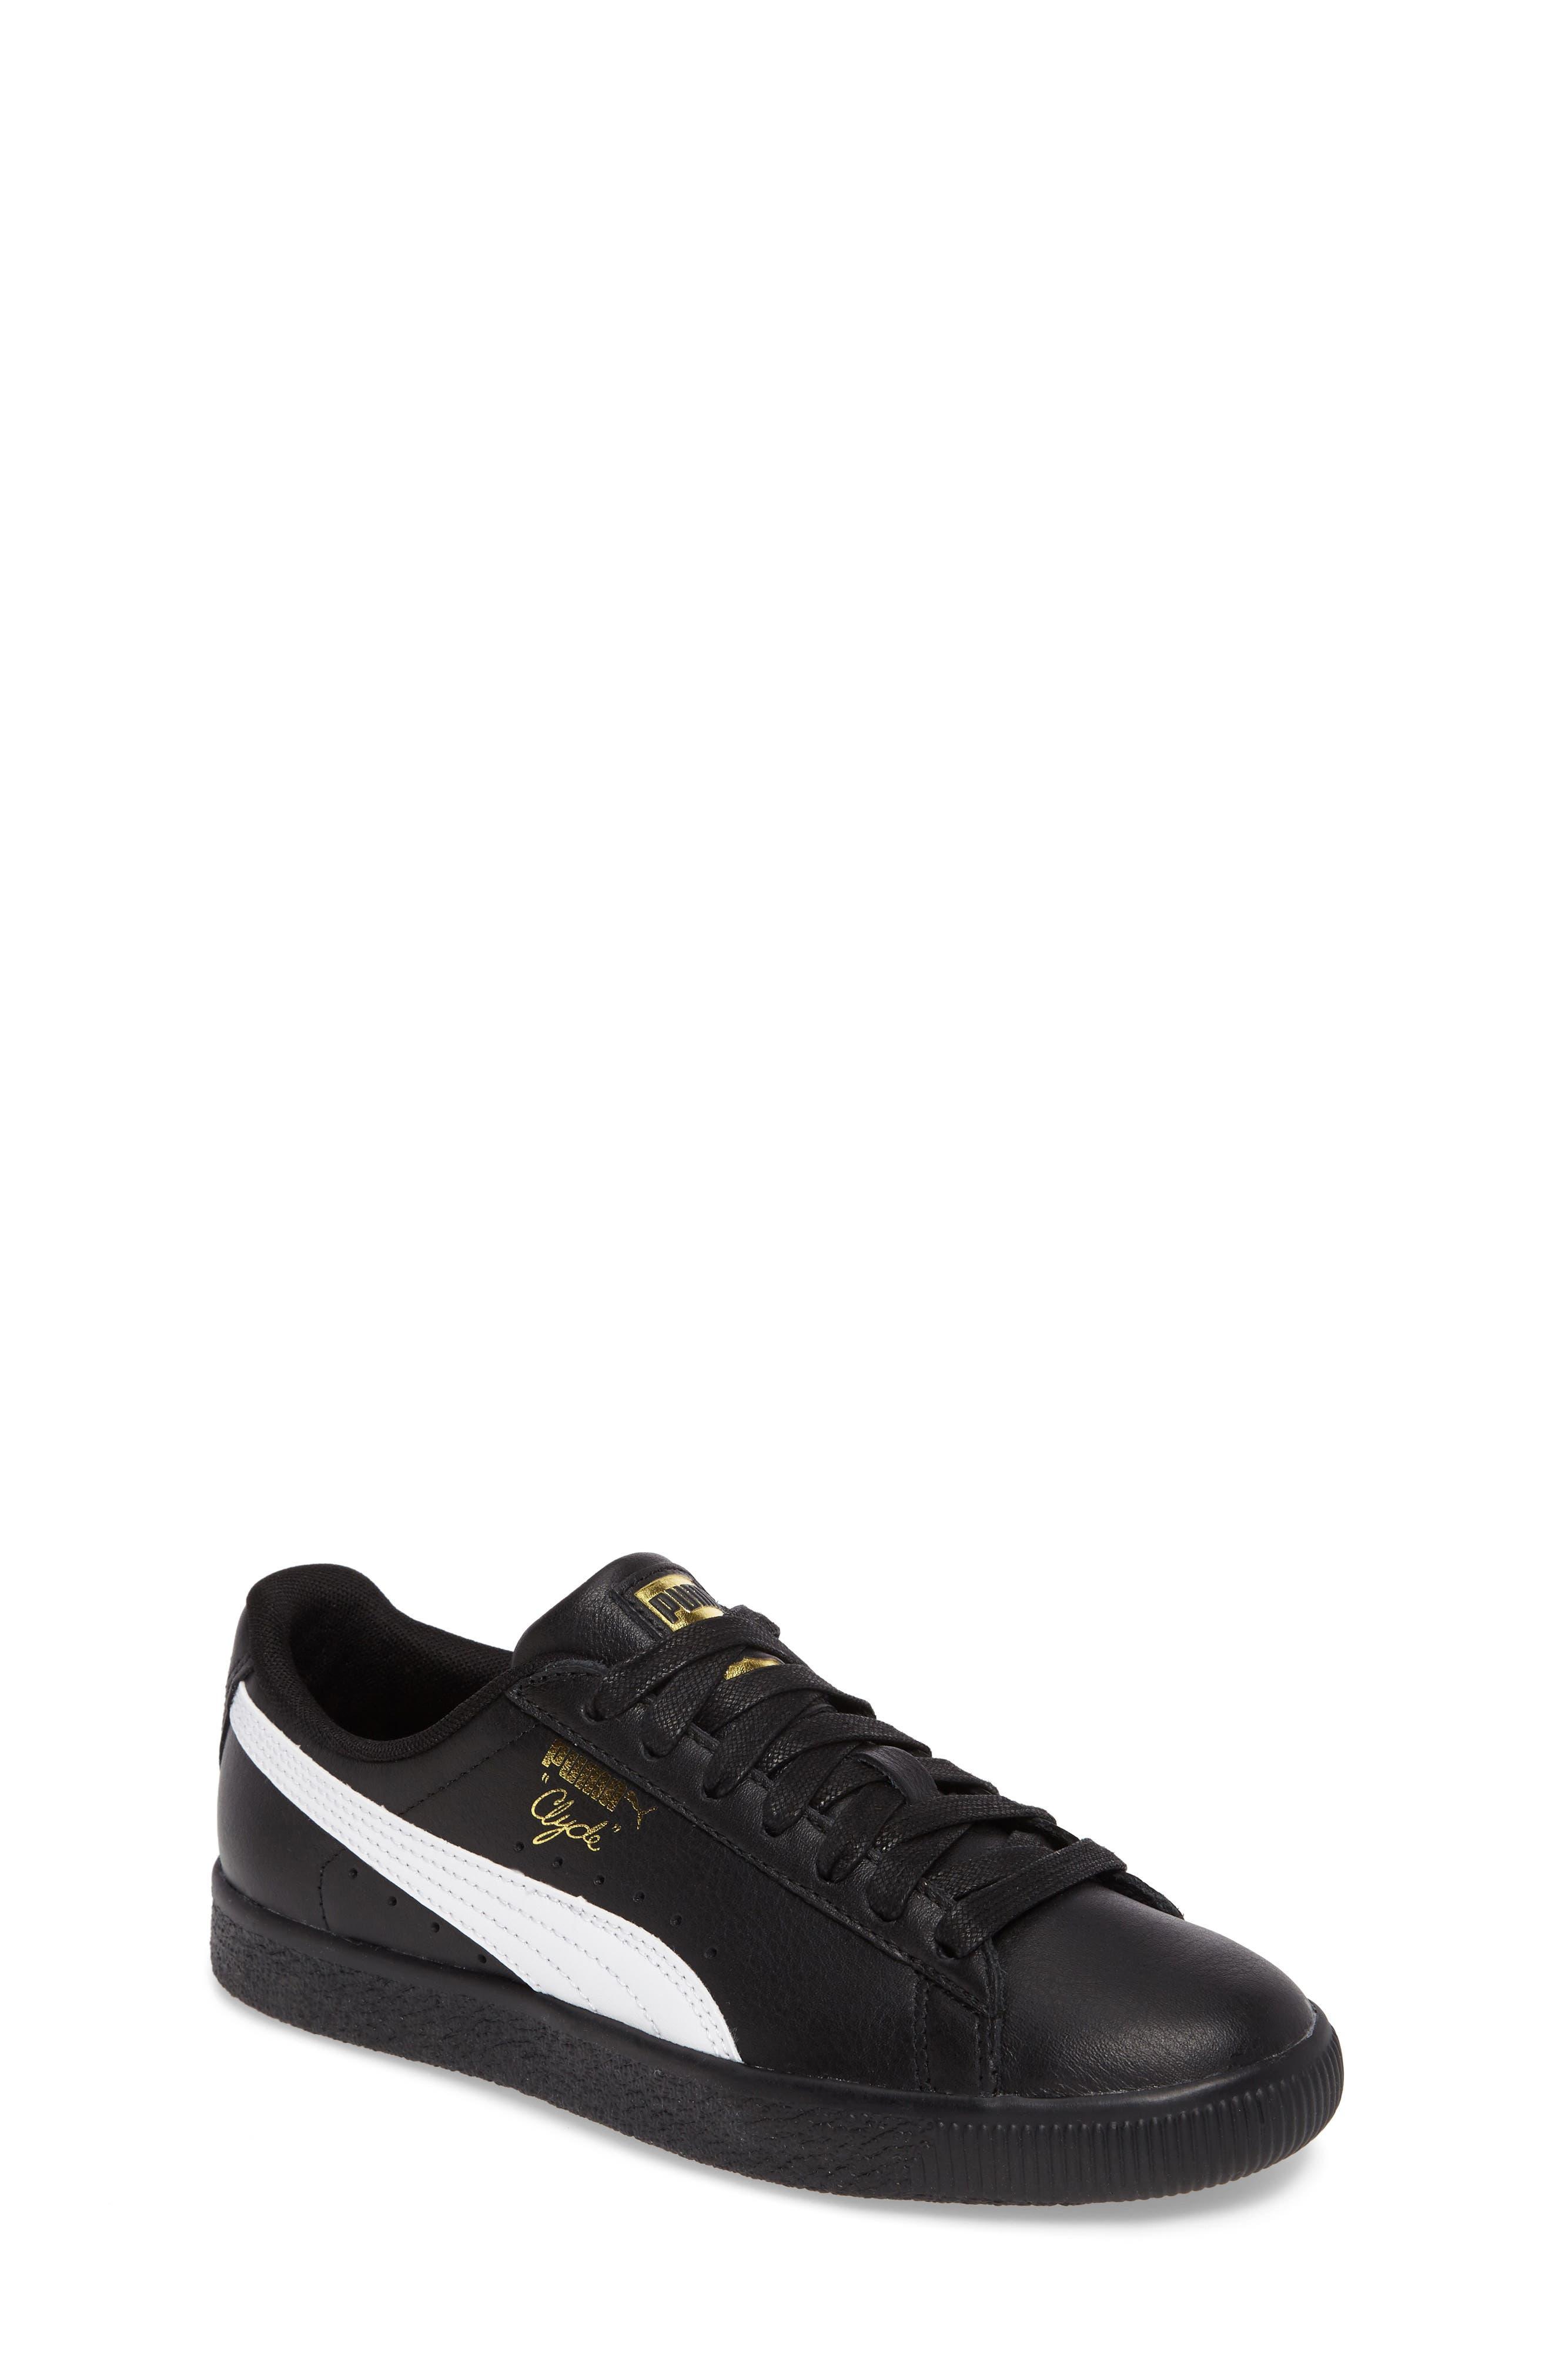 Clyde Core Foil Sneaker,                             Main thumbnail 1, color,                             001